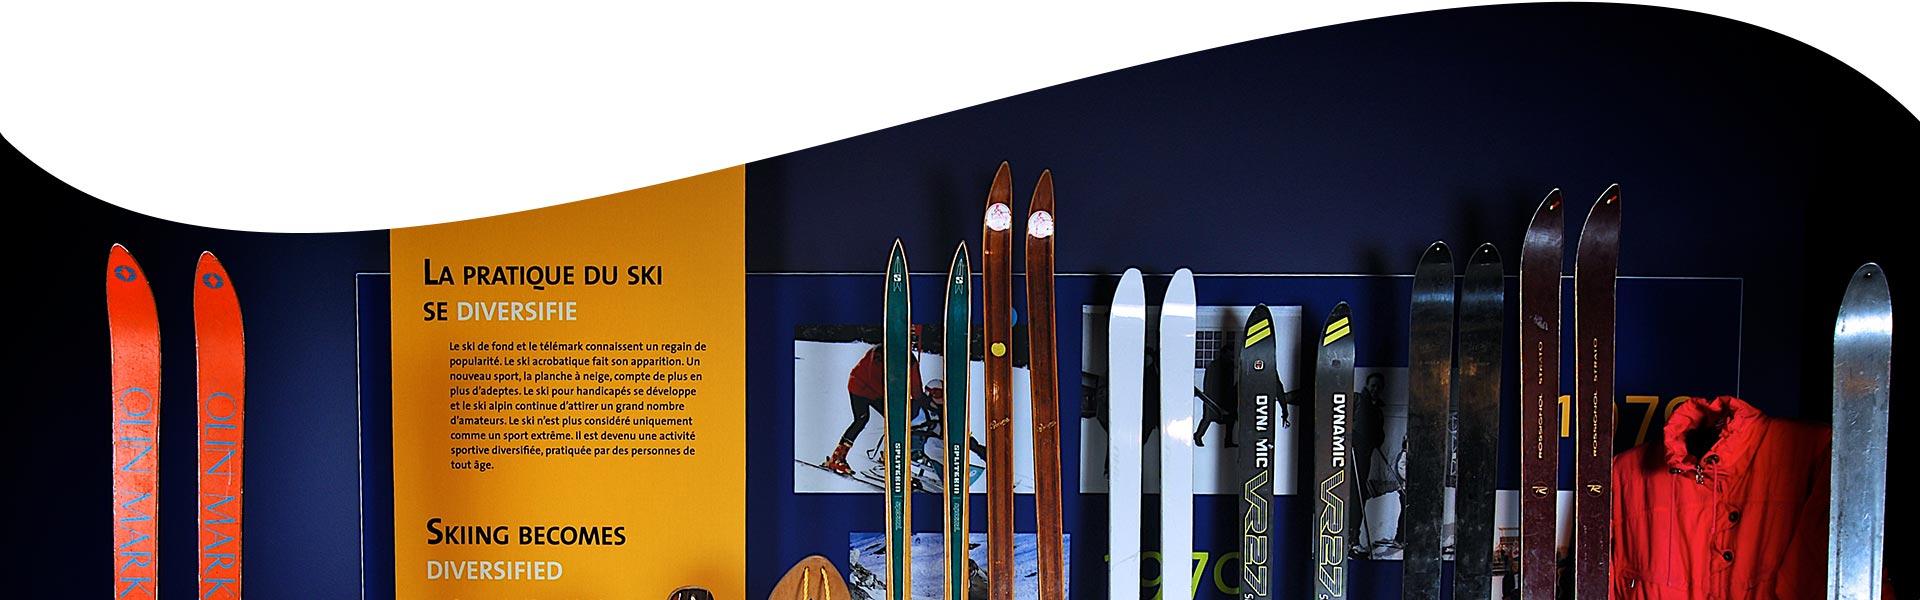 Musée du ski - Planifiez votre visite